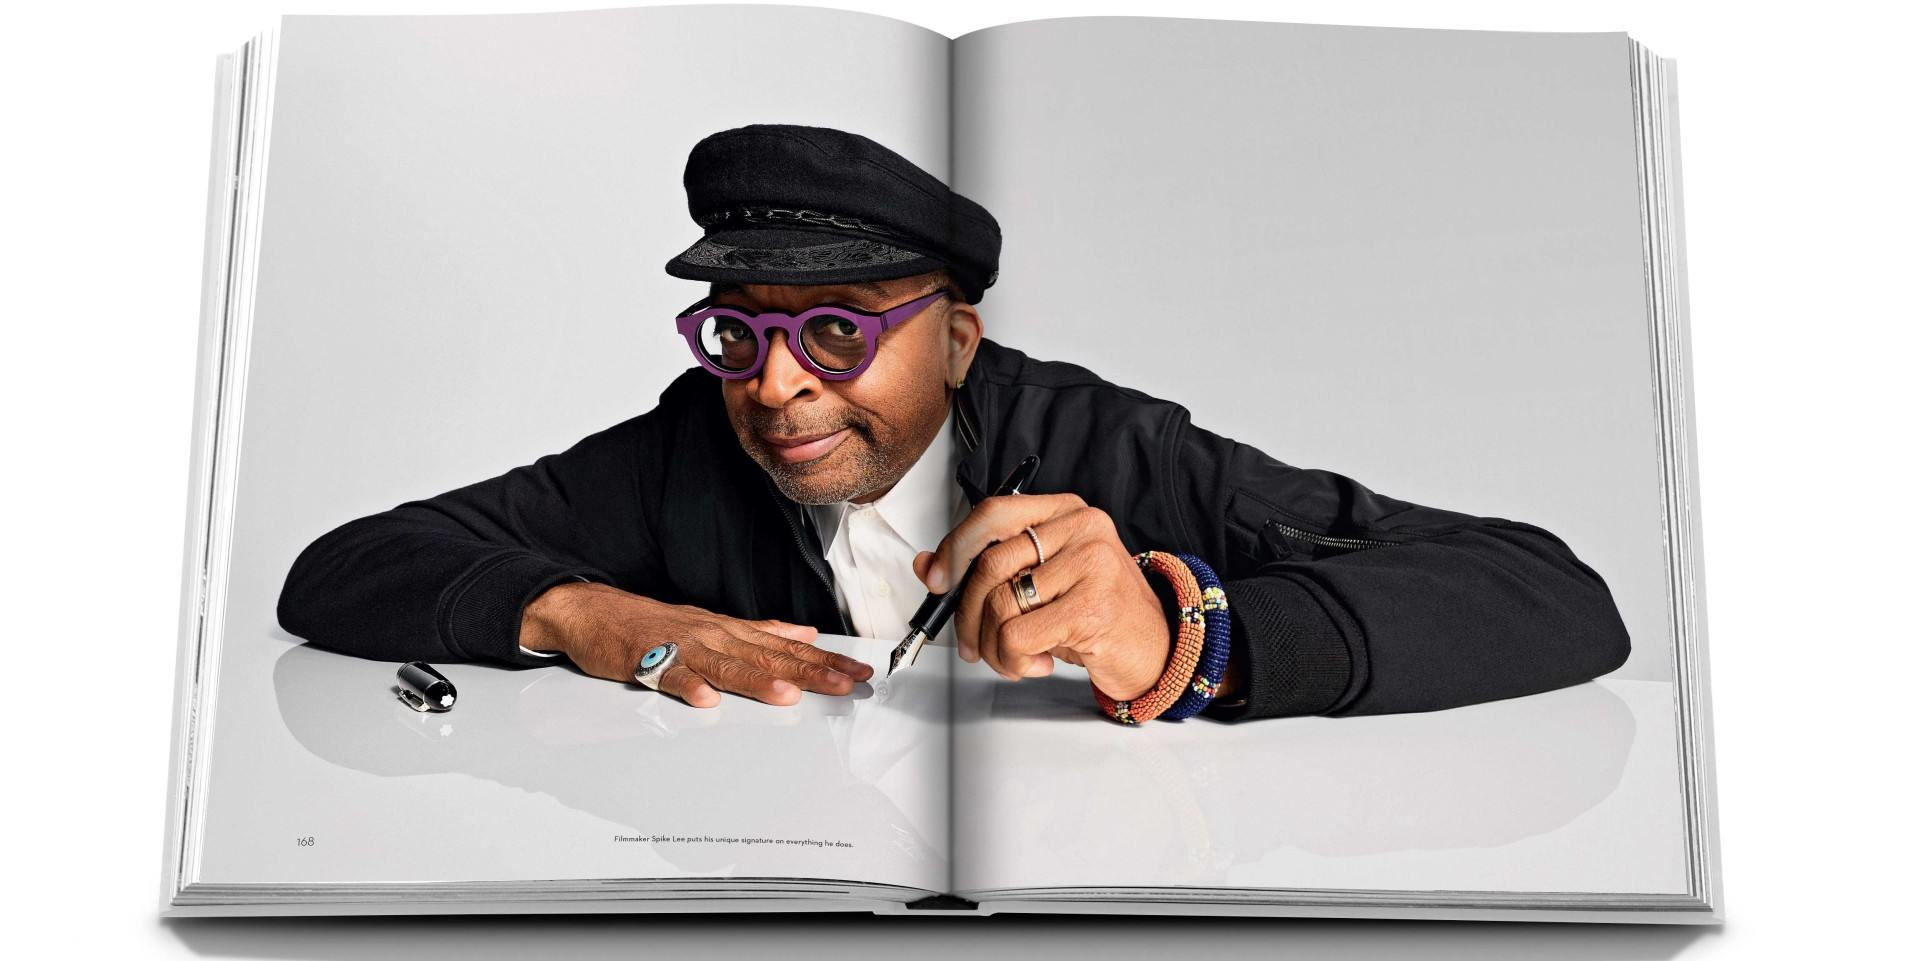 萬寶龍推出《Inspire Writing》精裝書籍,禮讚品牌悠久歷史傳承與創新精神起源